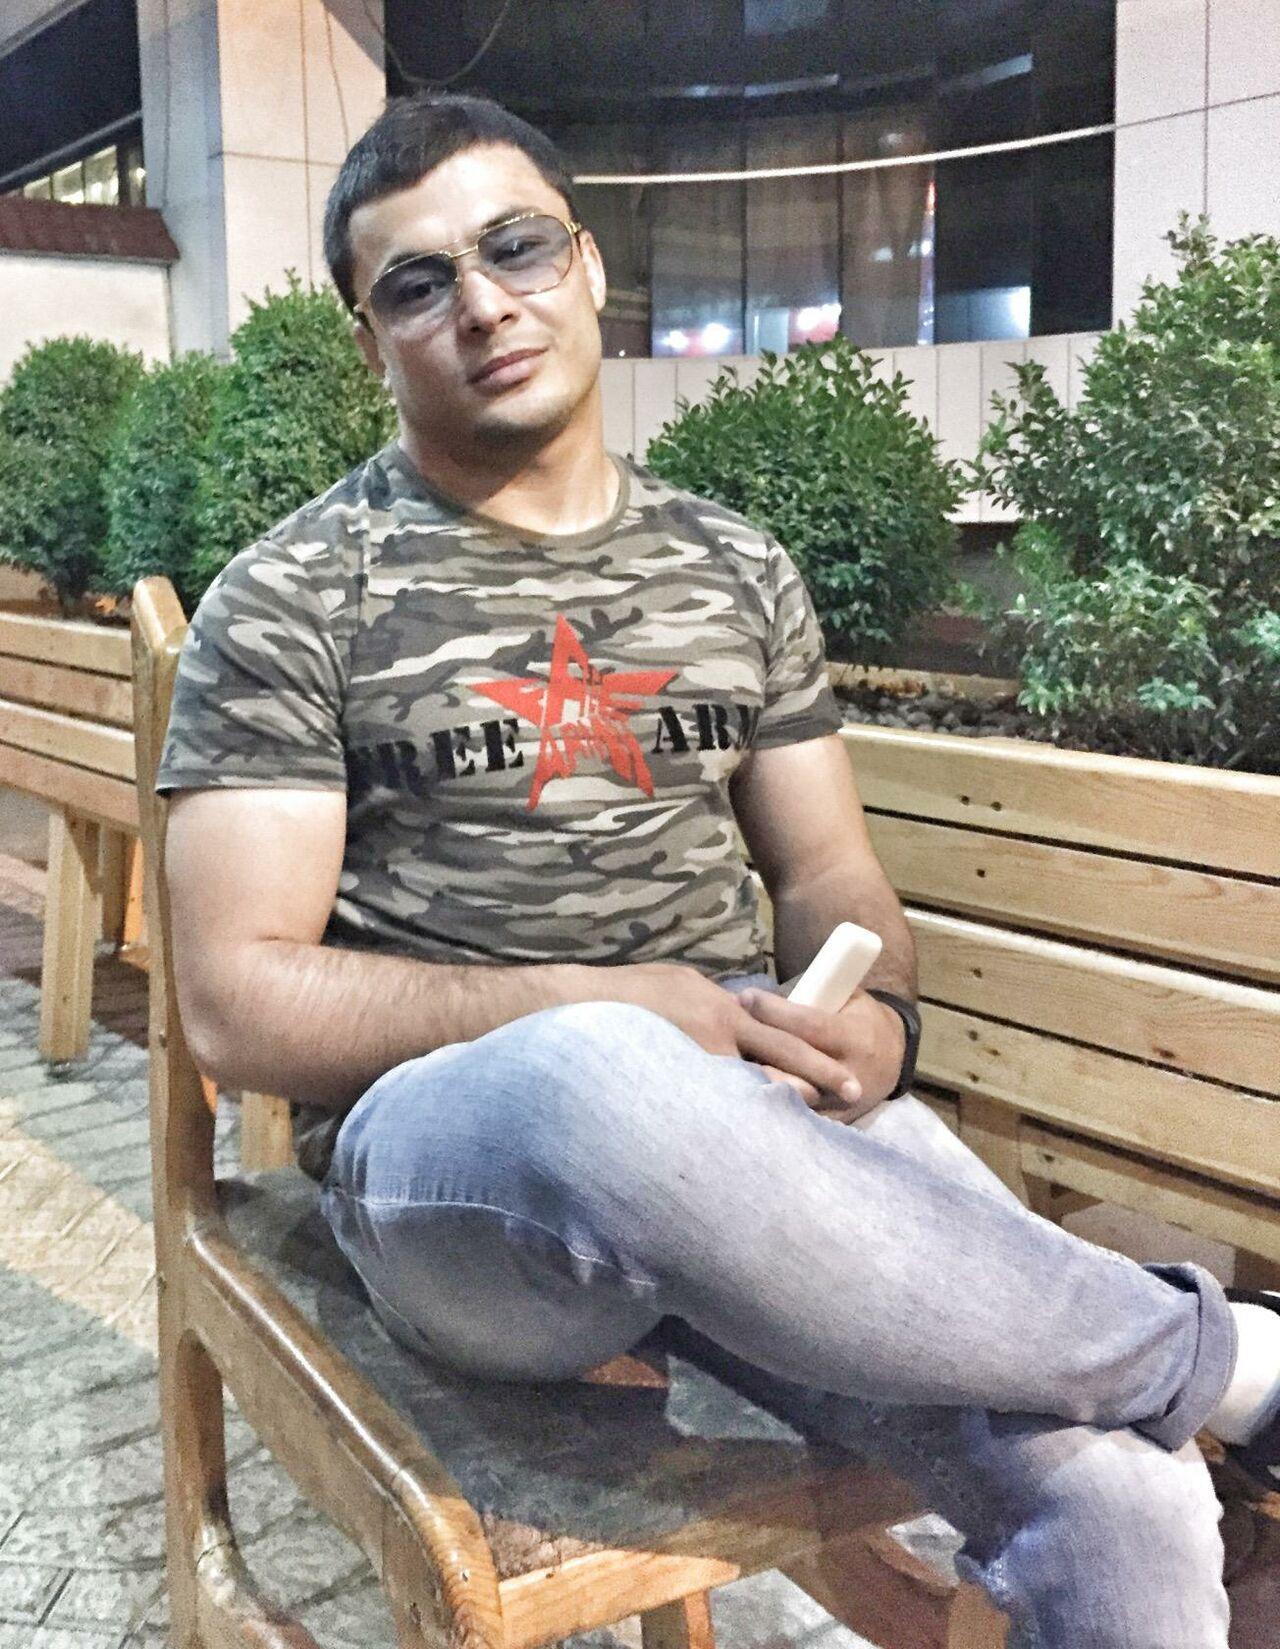 Боец смешанных единоборств из Узбекистана Джамшид Кенжаев скончался от ножевого ранения в ночь на 9 августа